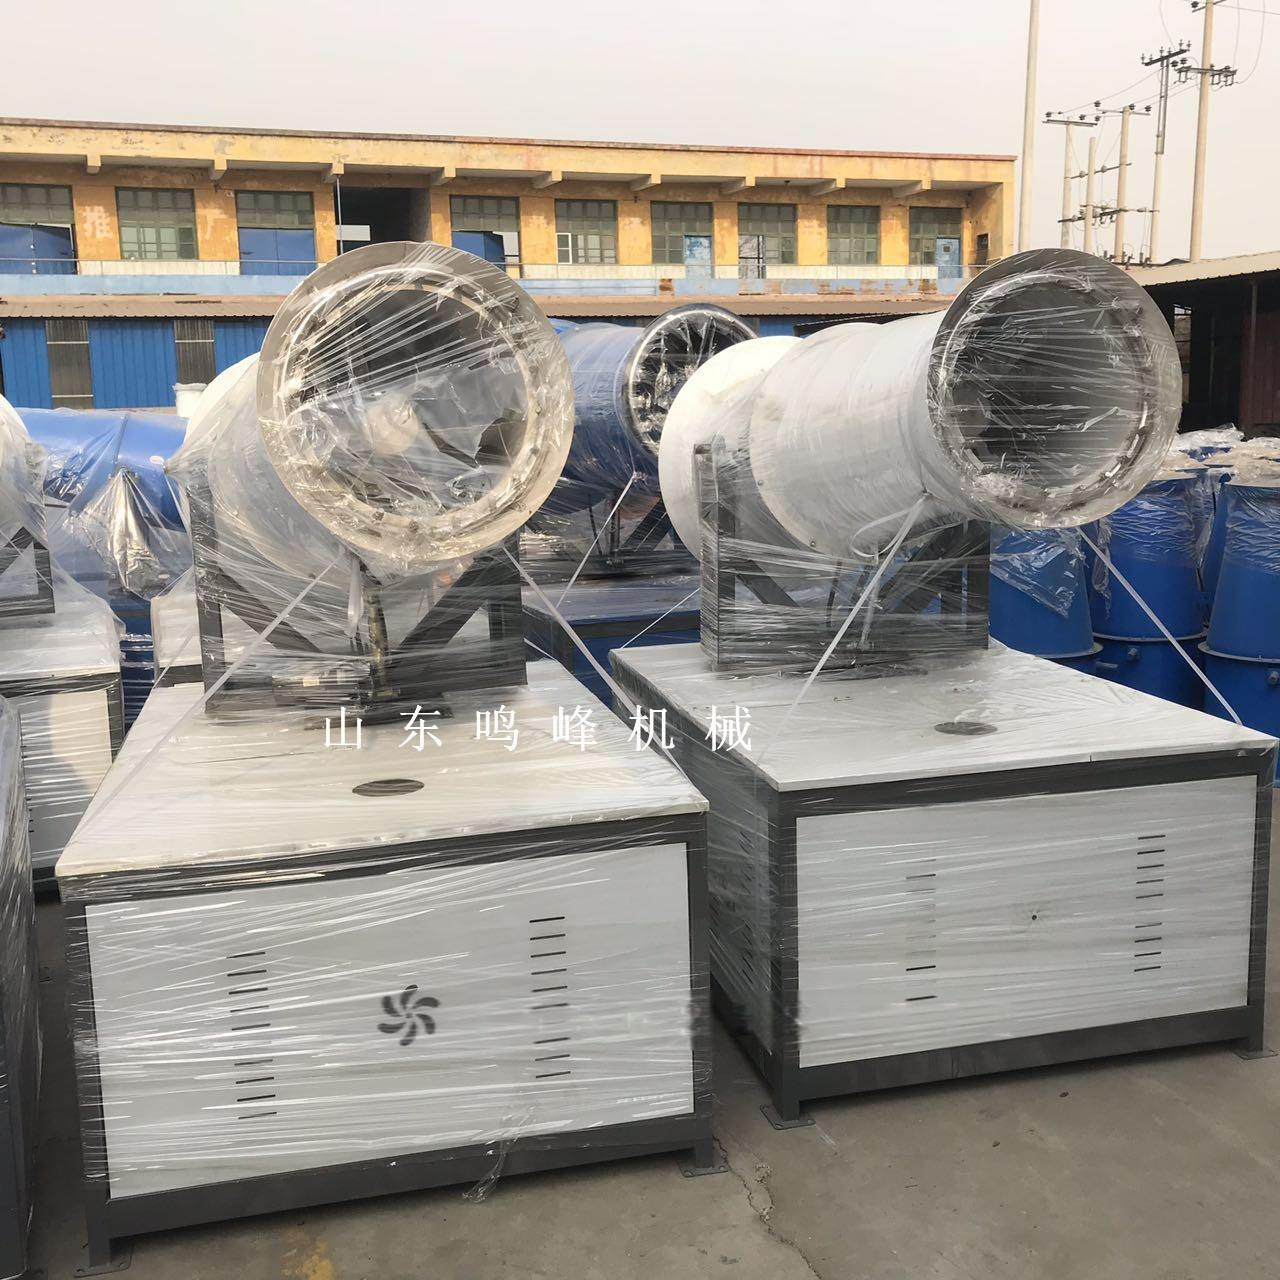 環保工程除塵霧炮機,小型噴霧機工地使用視頻772182172